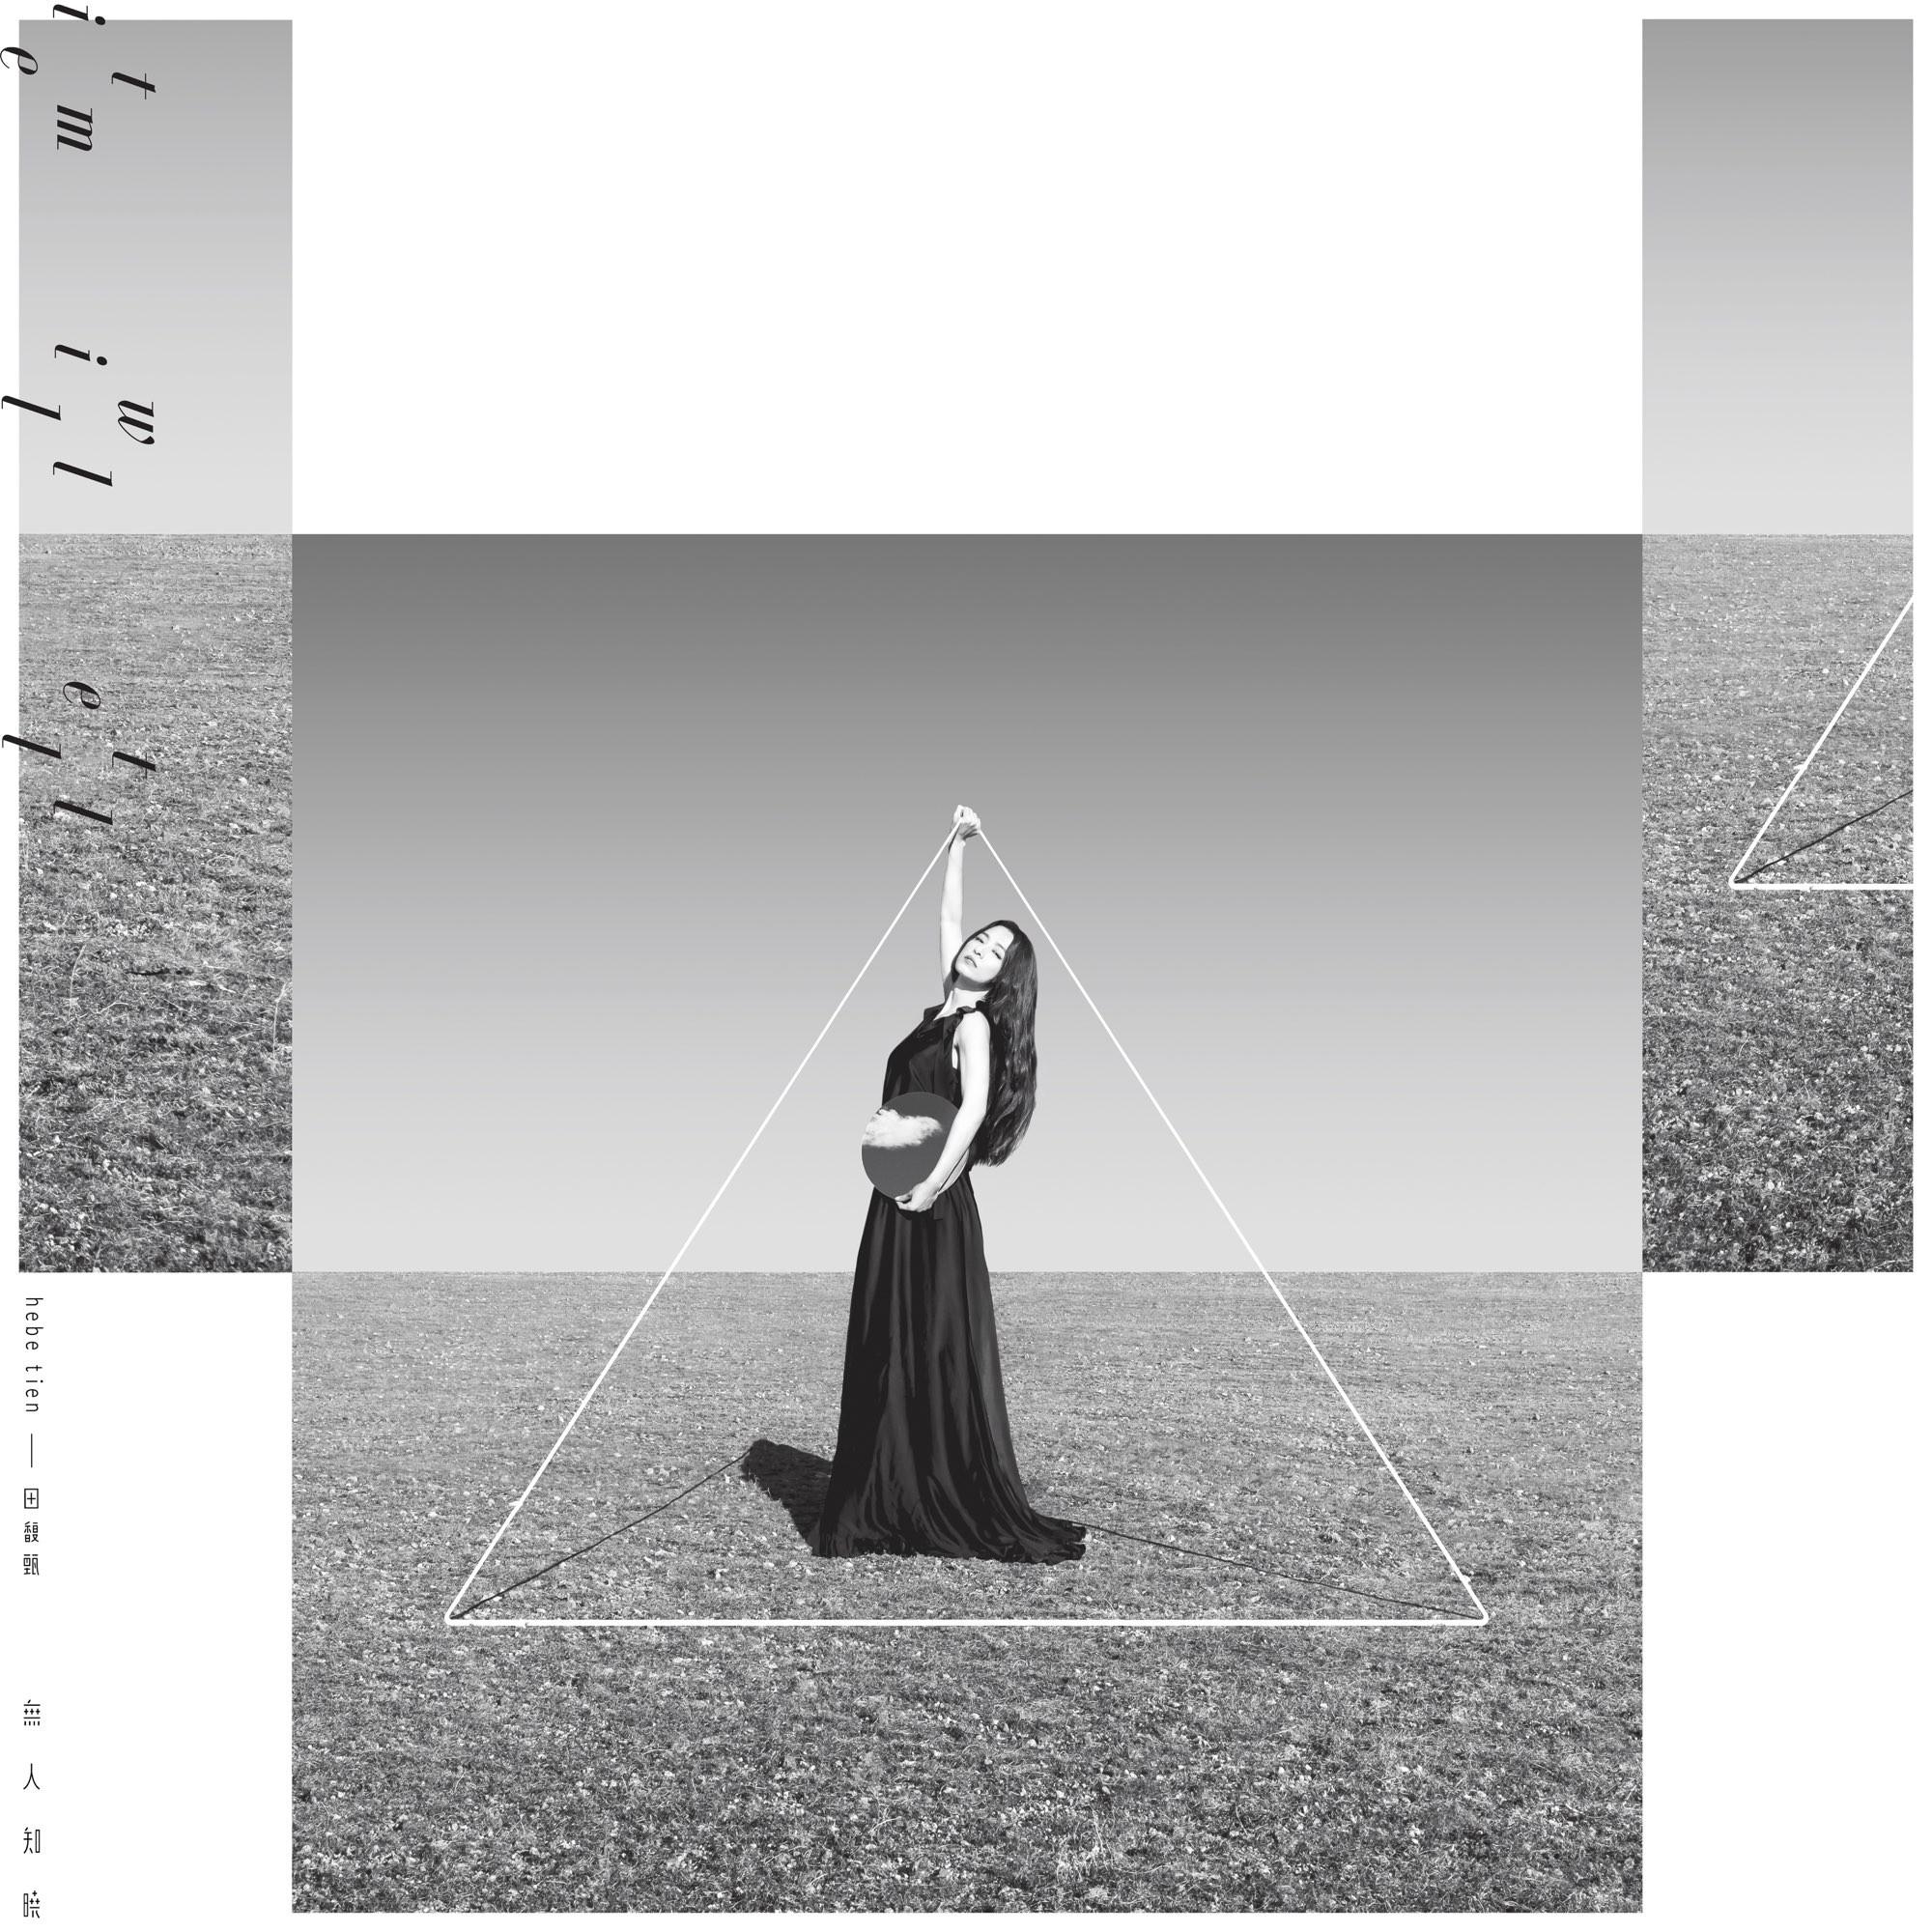 田馥甄 (Hebe Tien) – 無人知曉 (Time Will Tell) [FLAC + MP3 320] [2020.09.25]